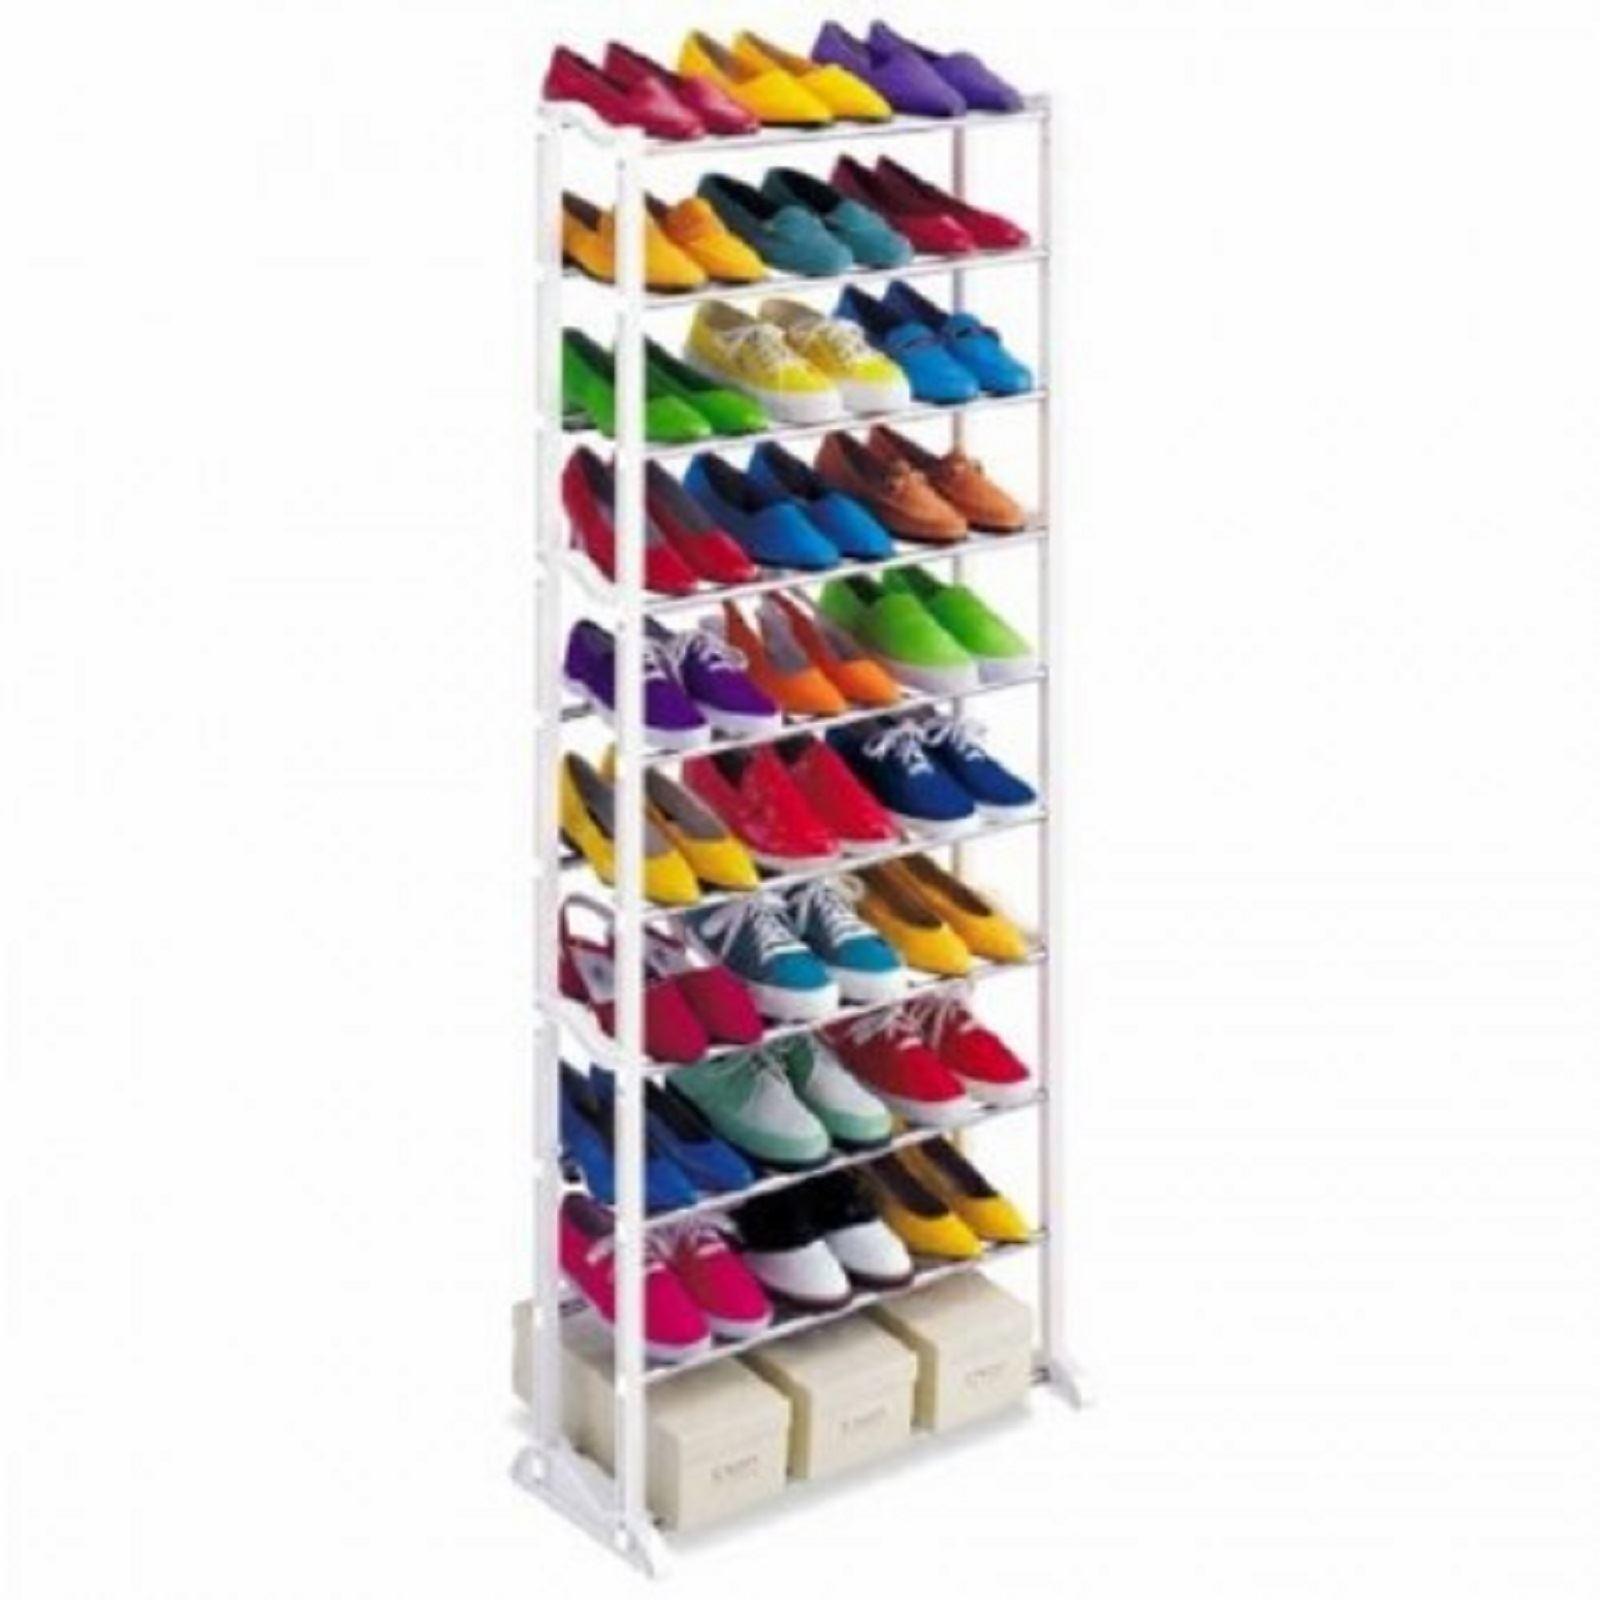 7-e-10-TIER-SCARPE-TACCHI-Storage-Rack-Organizzatore-accantonare-STAND